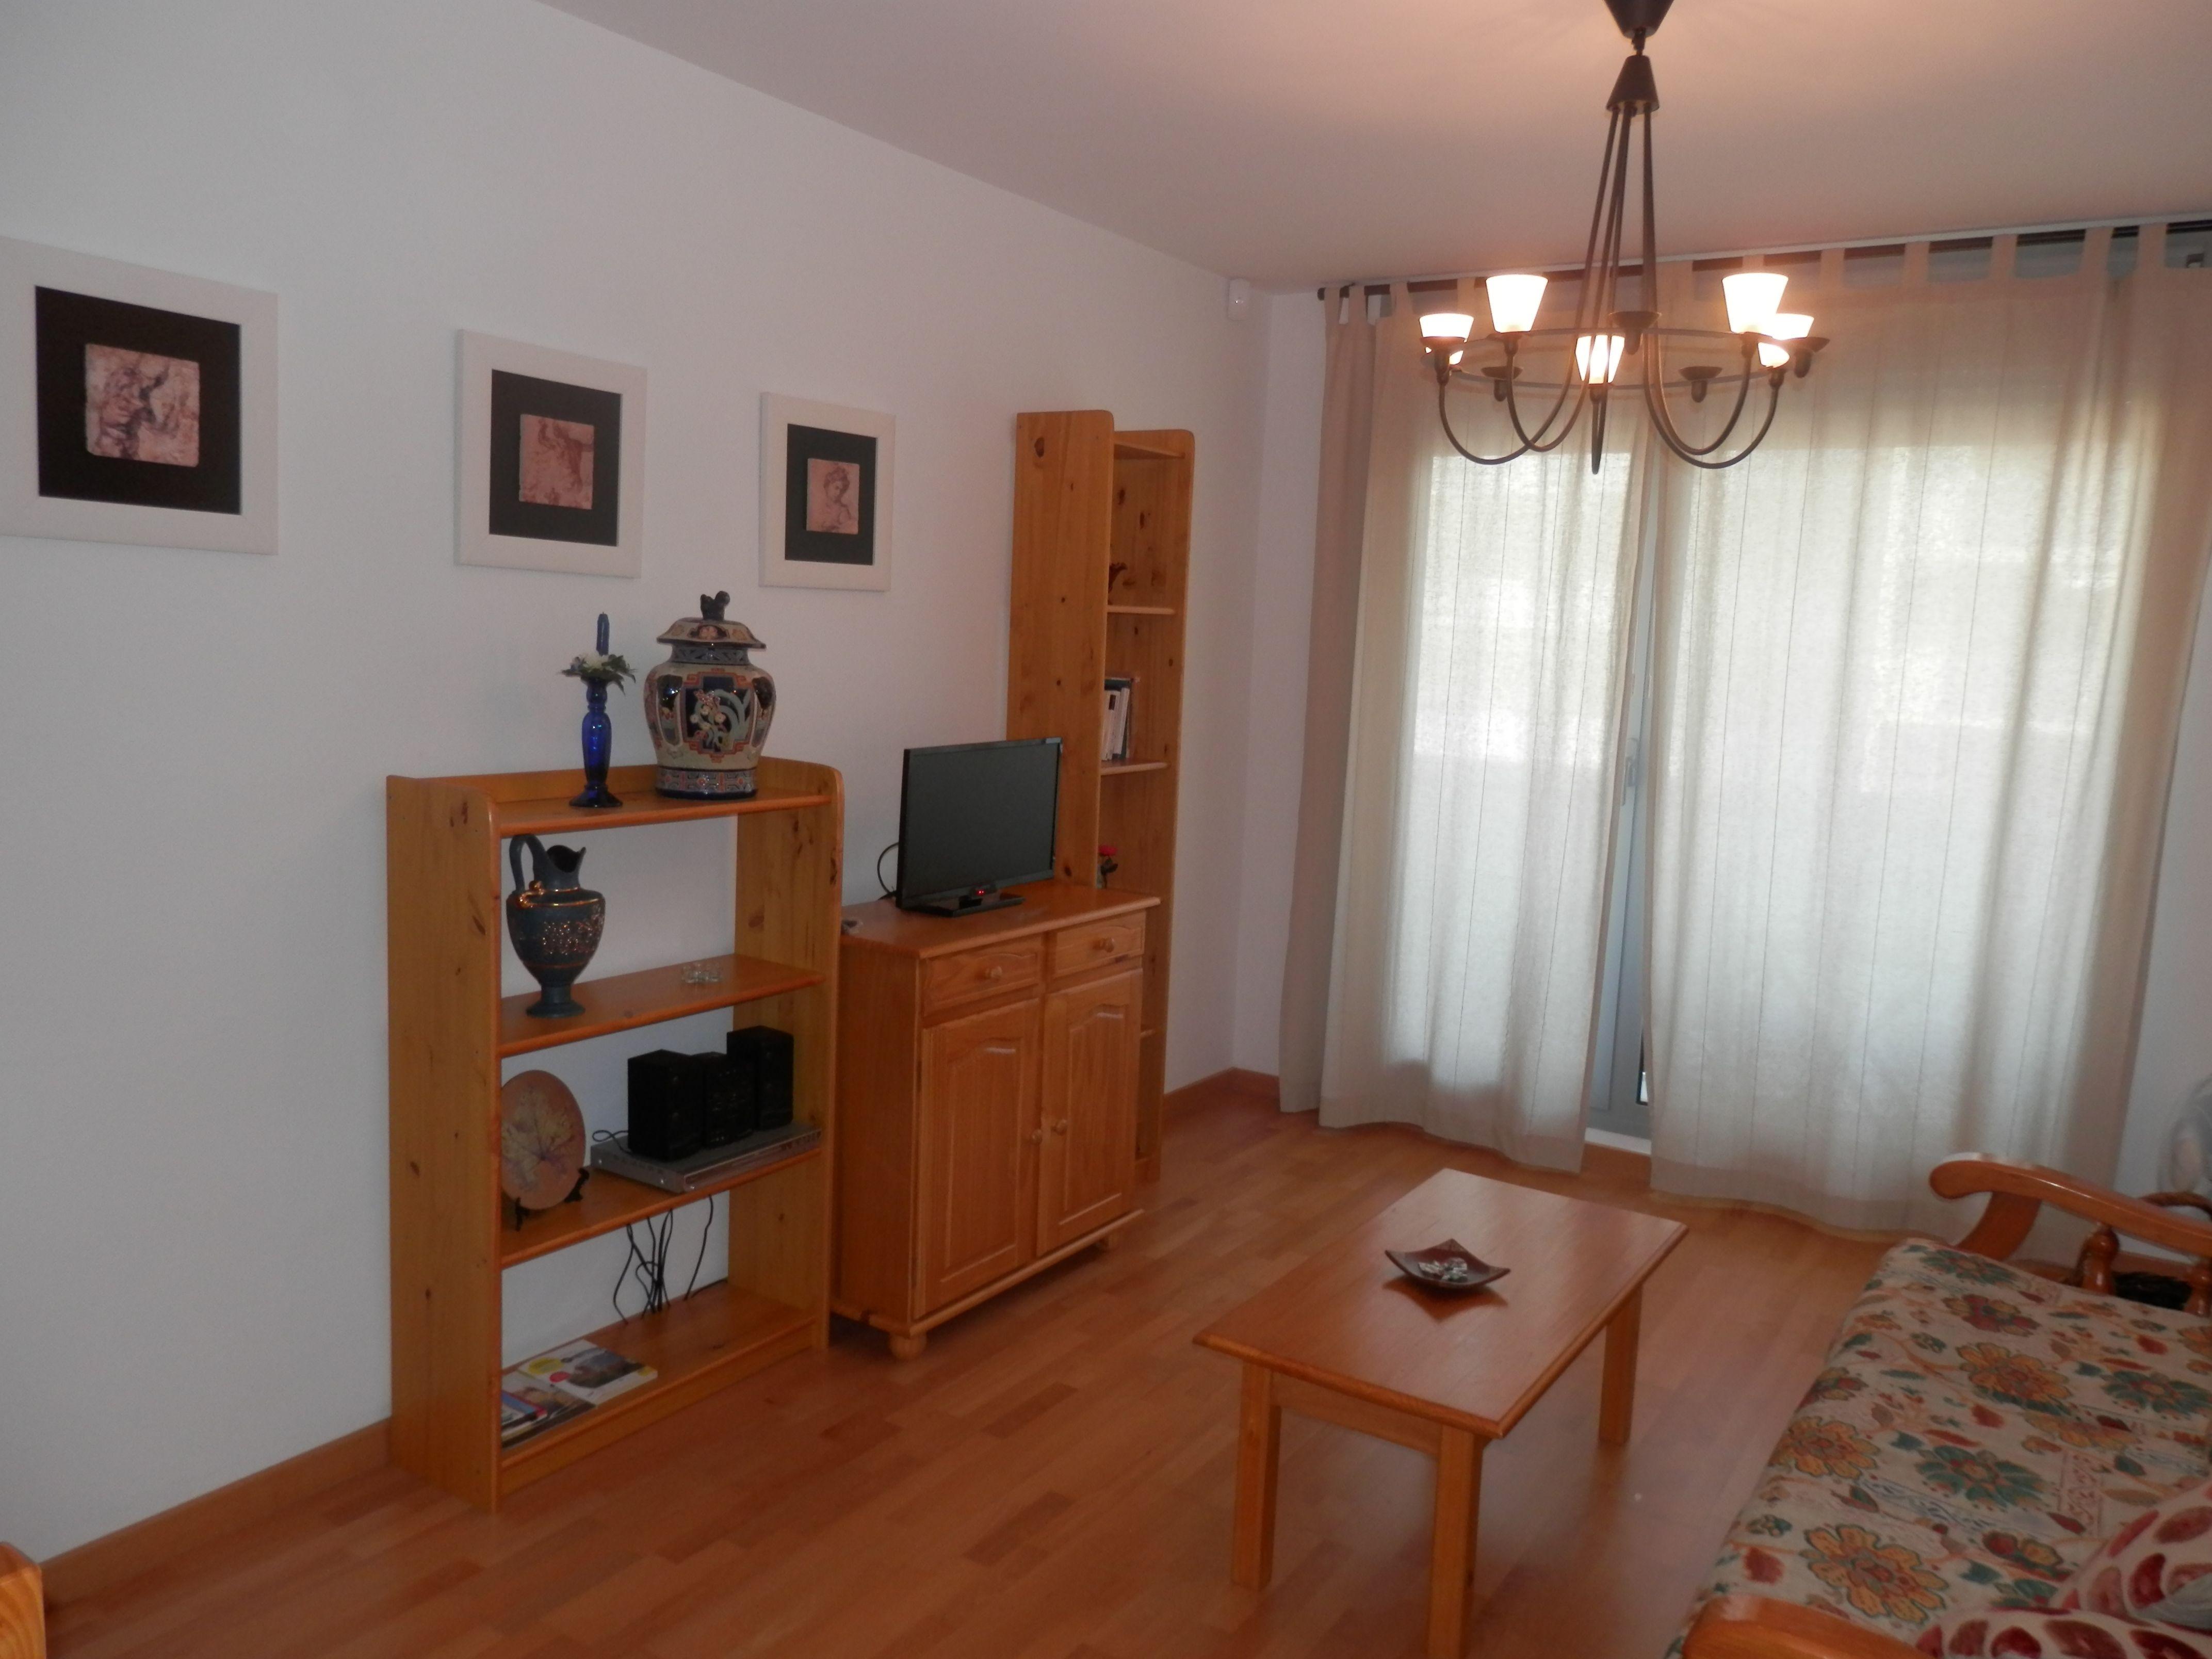 Idílico piso de 2 dormitorios en Huesca